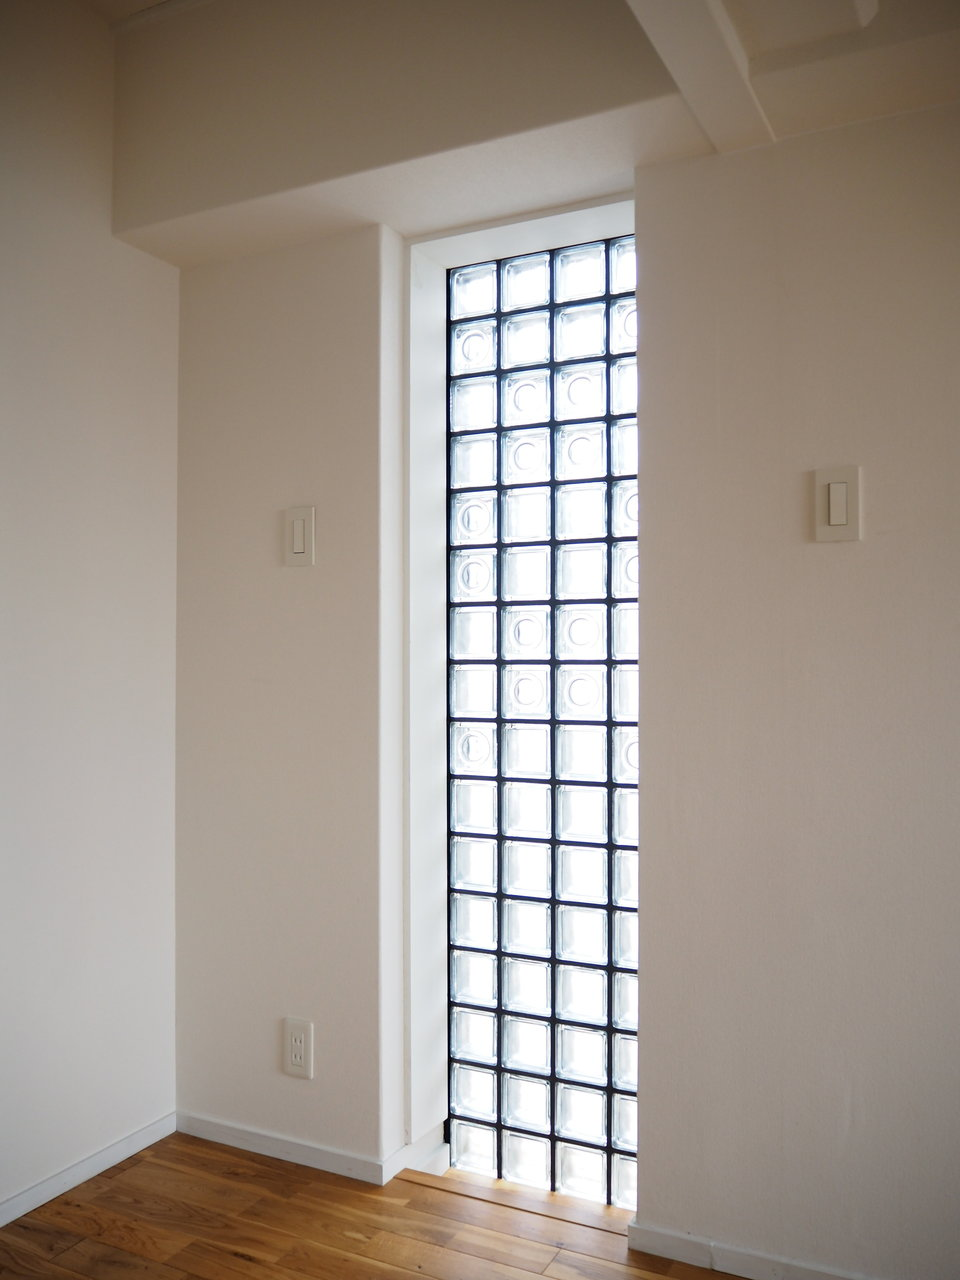 角部屋なので、2面採光で明るいです。キューブガラスのデザインはレトロな雰囲気もありながら、なんだか新しい感じもします。ナチュラルなテイストが好きな方にはぴったり。